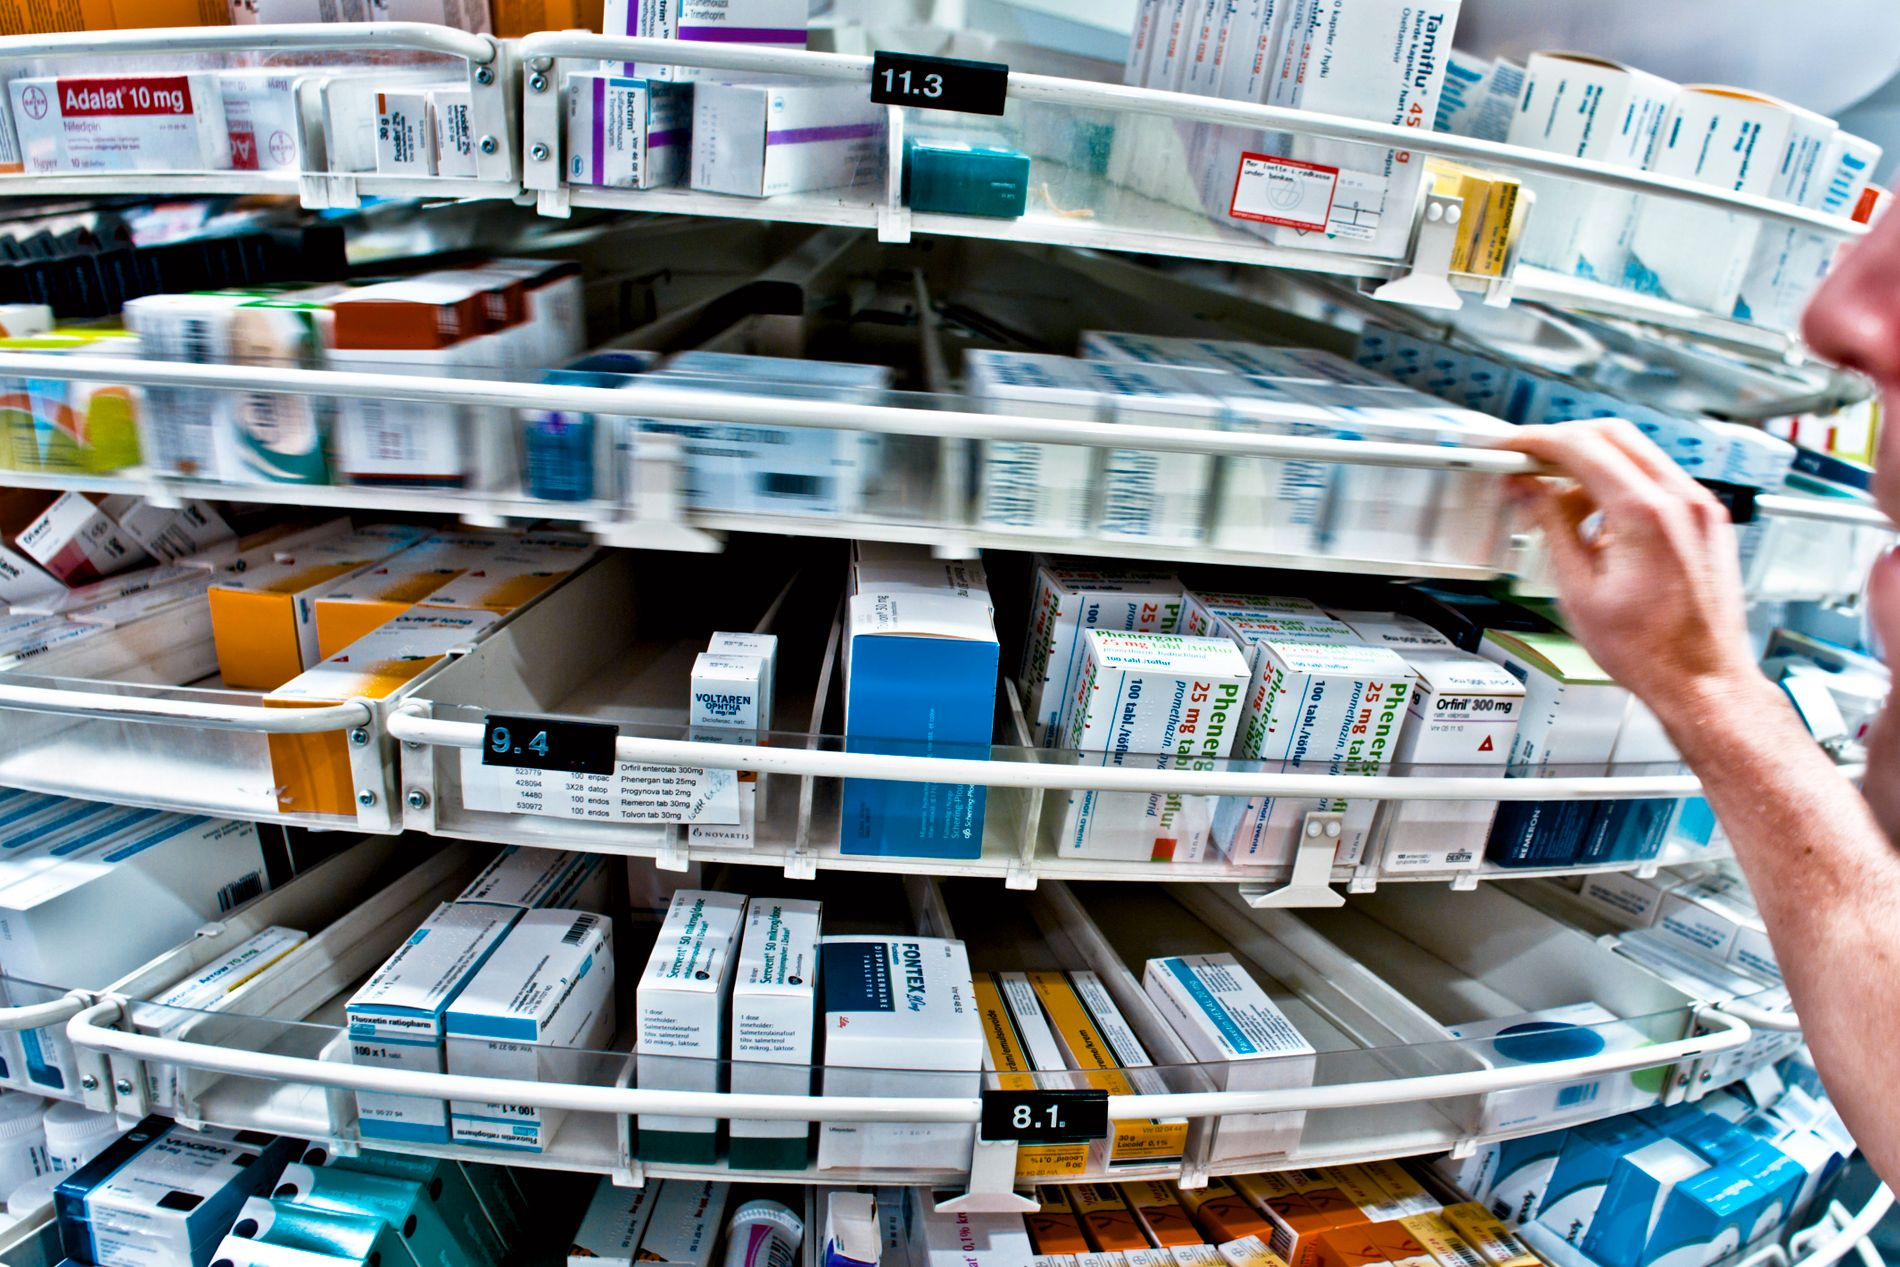 MEDISINMANGEL: 7000 personer har ikke fått alle medisinene de skal ha i såkalte multidosepakker.